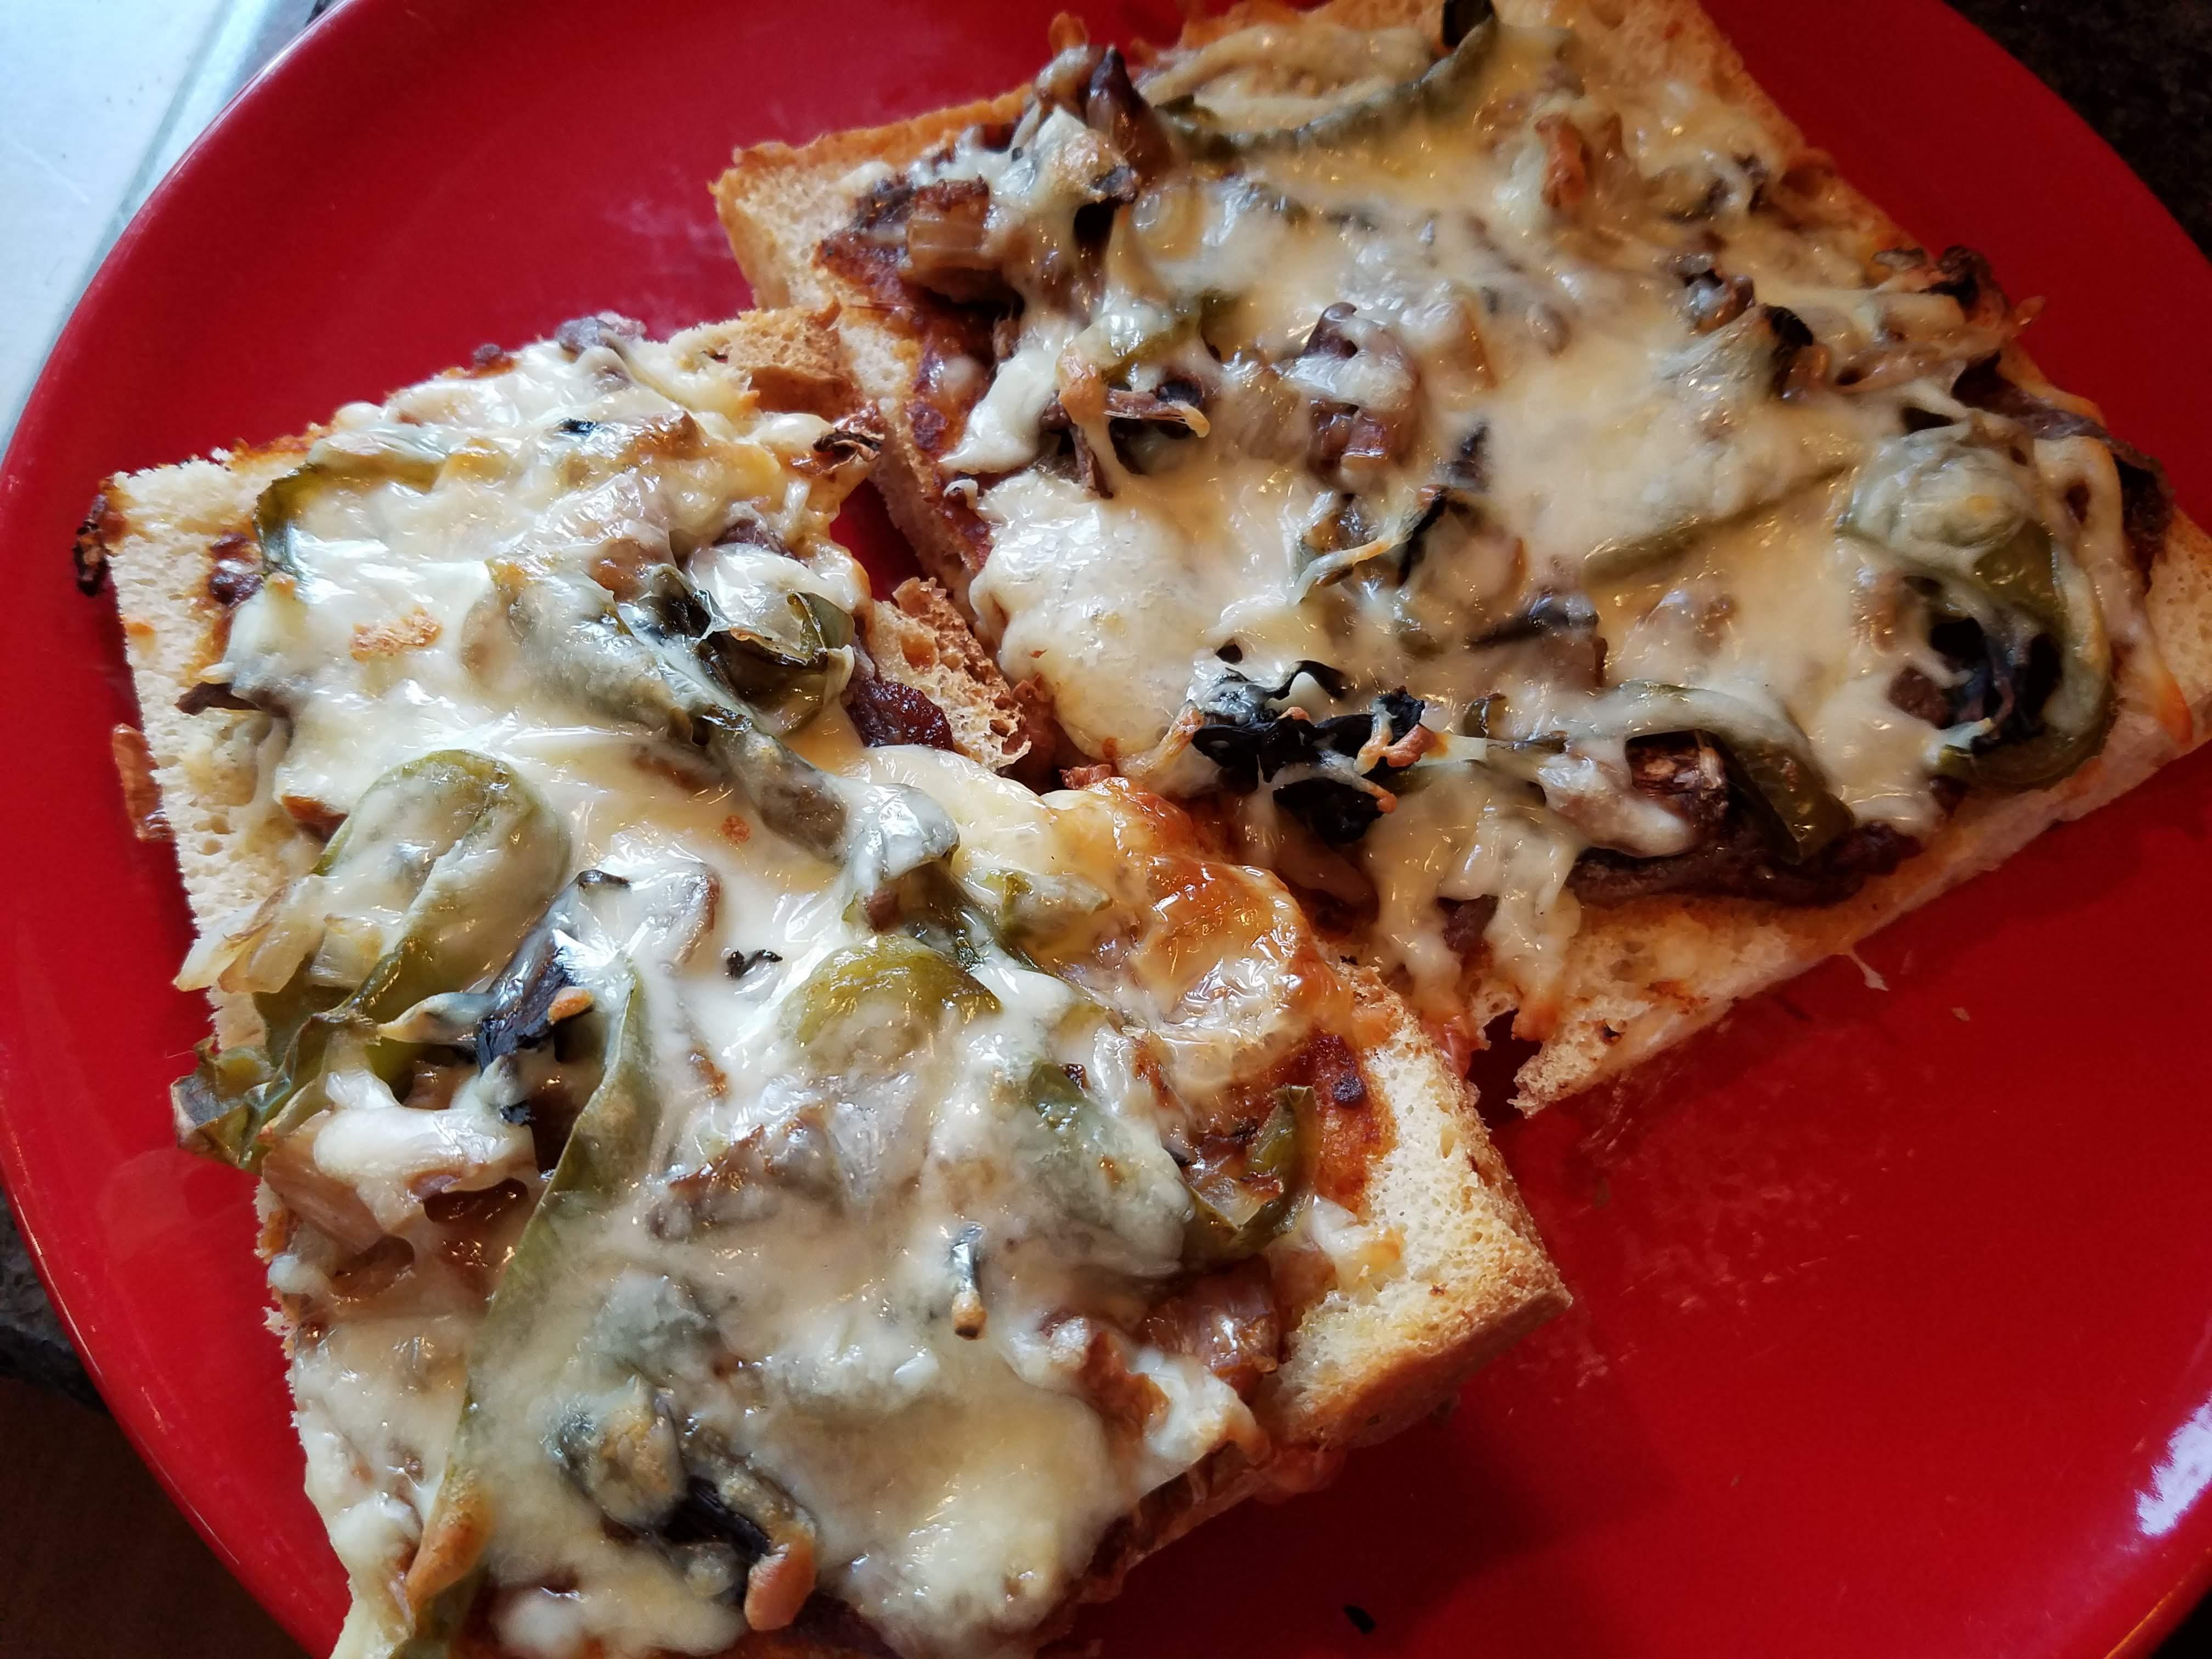 flatbread pizza, focaccia bread pizza